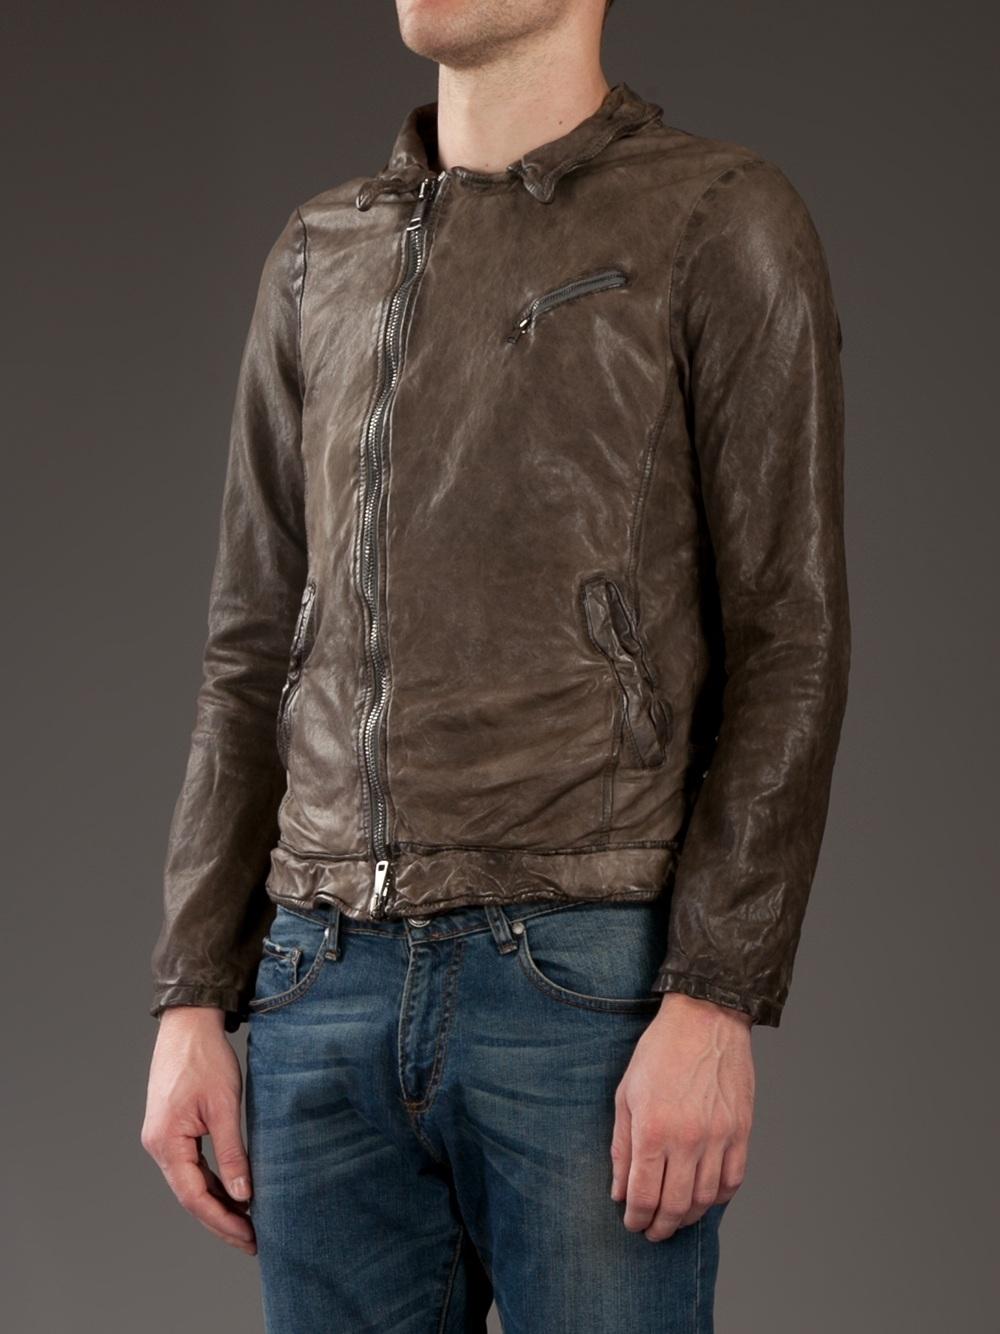 Giorgio Brato Destressed Leather Jacket in Brown for Men